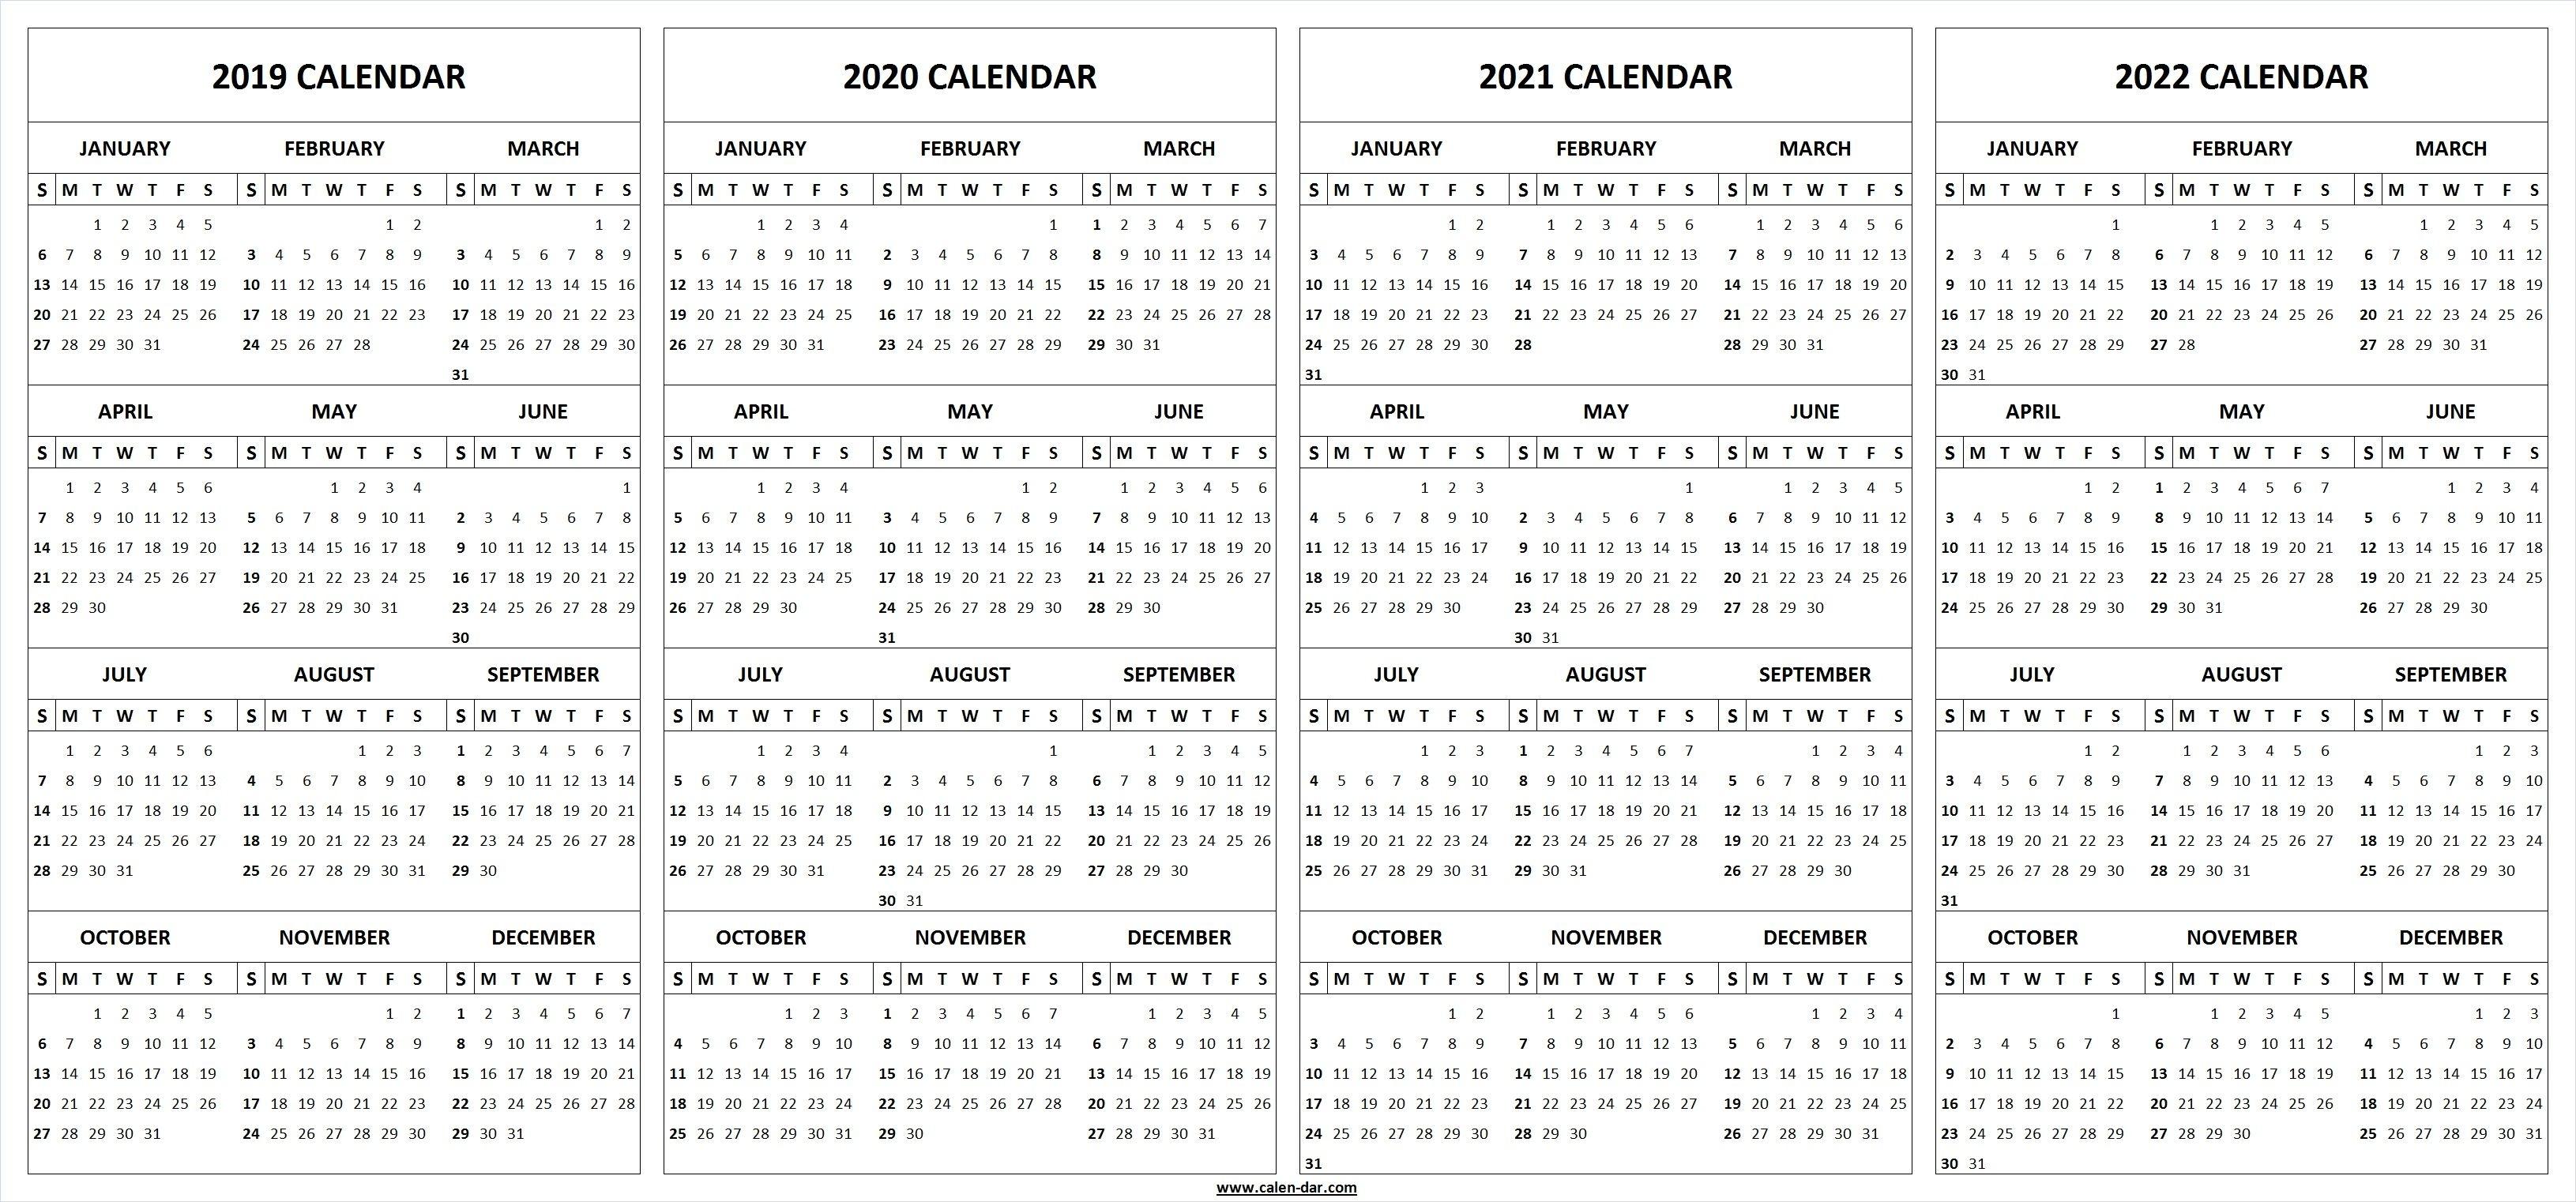 2019 2020 2021 2022 Calendar Blank Template | 2021 Calendar regarding Calendar Print Out 2019 2020 2021 2022